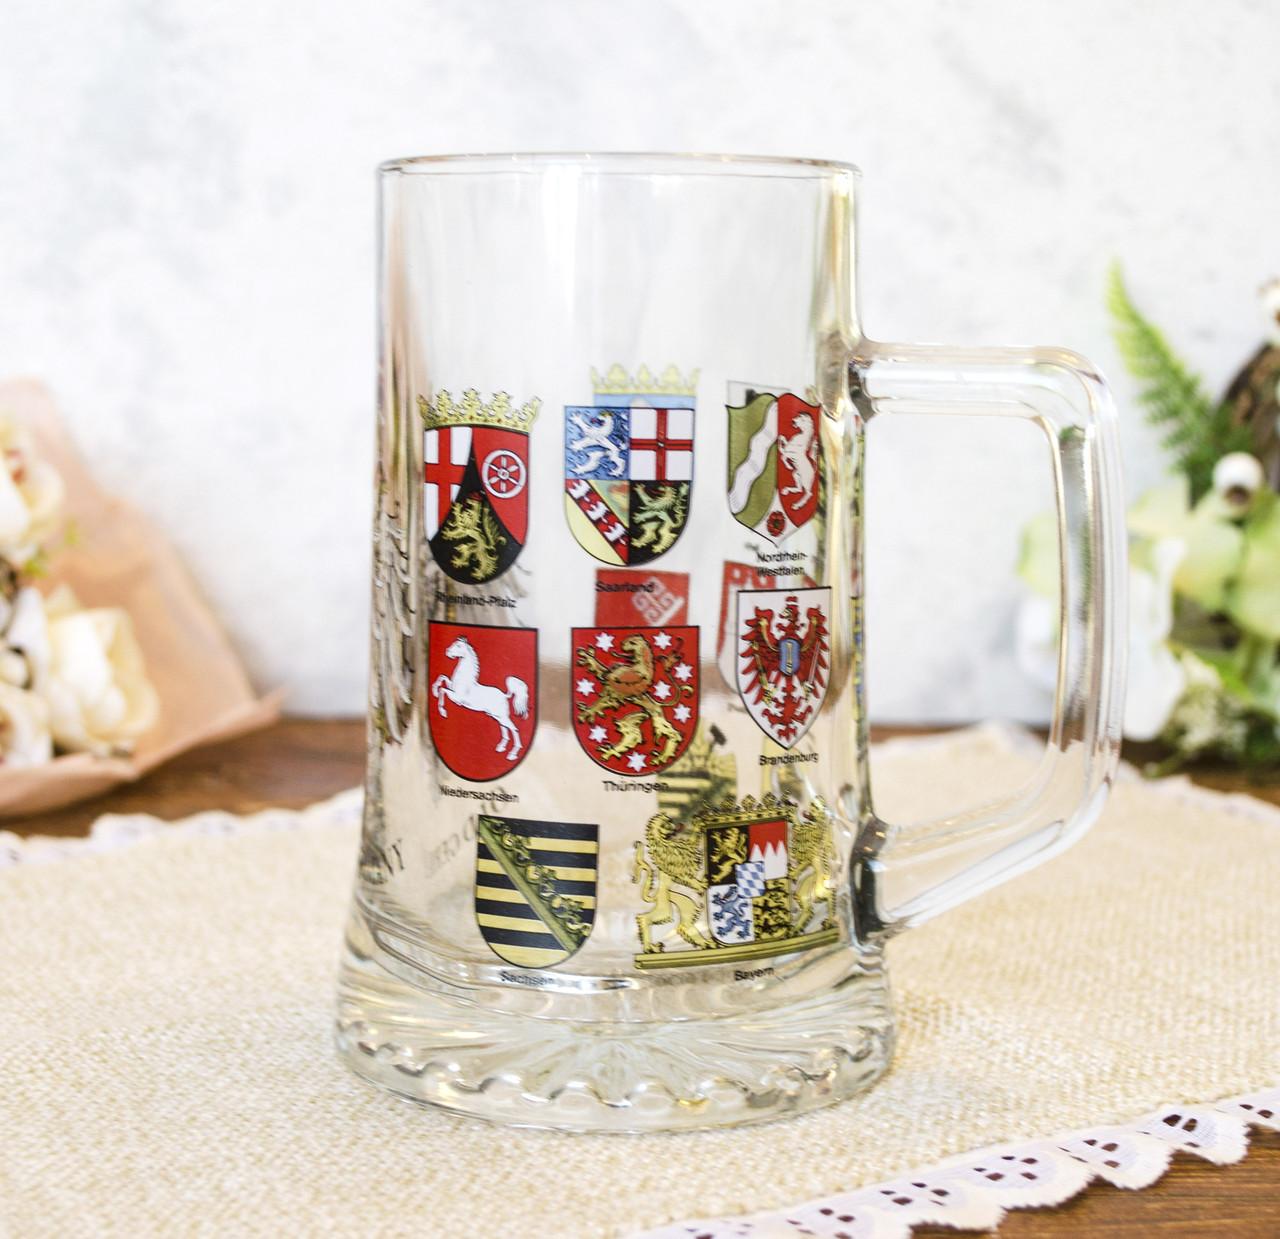 Немецкая кружка для пива, пивной бокал, стекло, Германия, гербовая символика